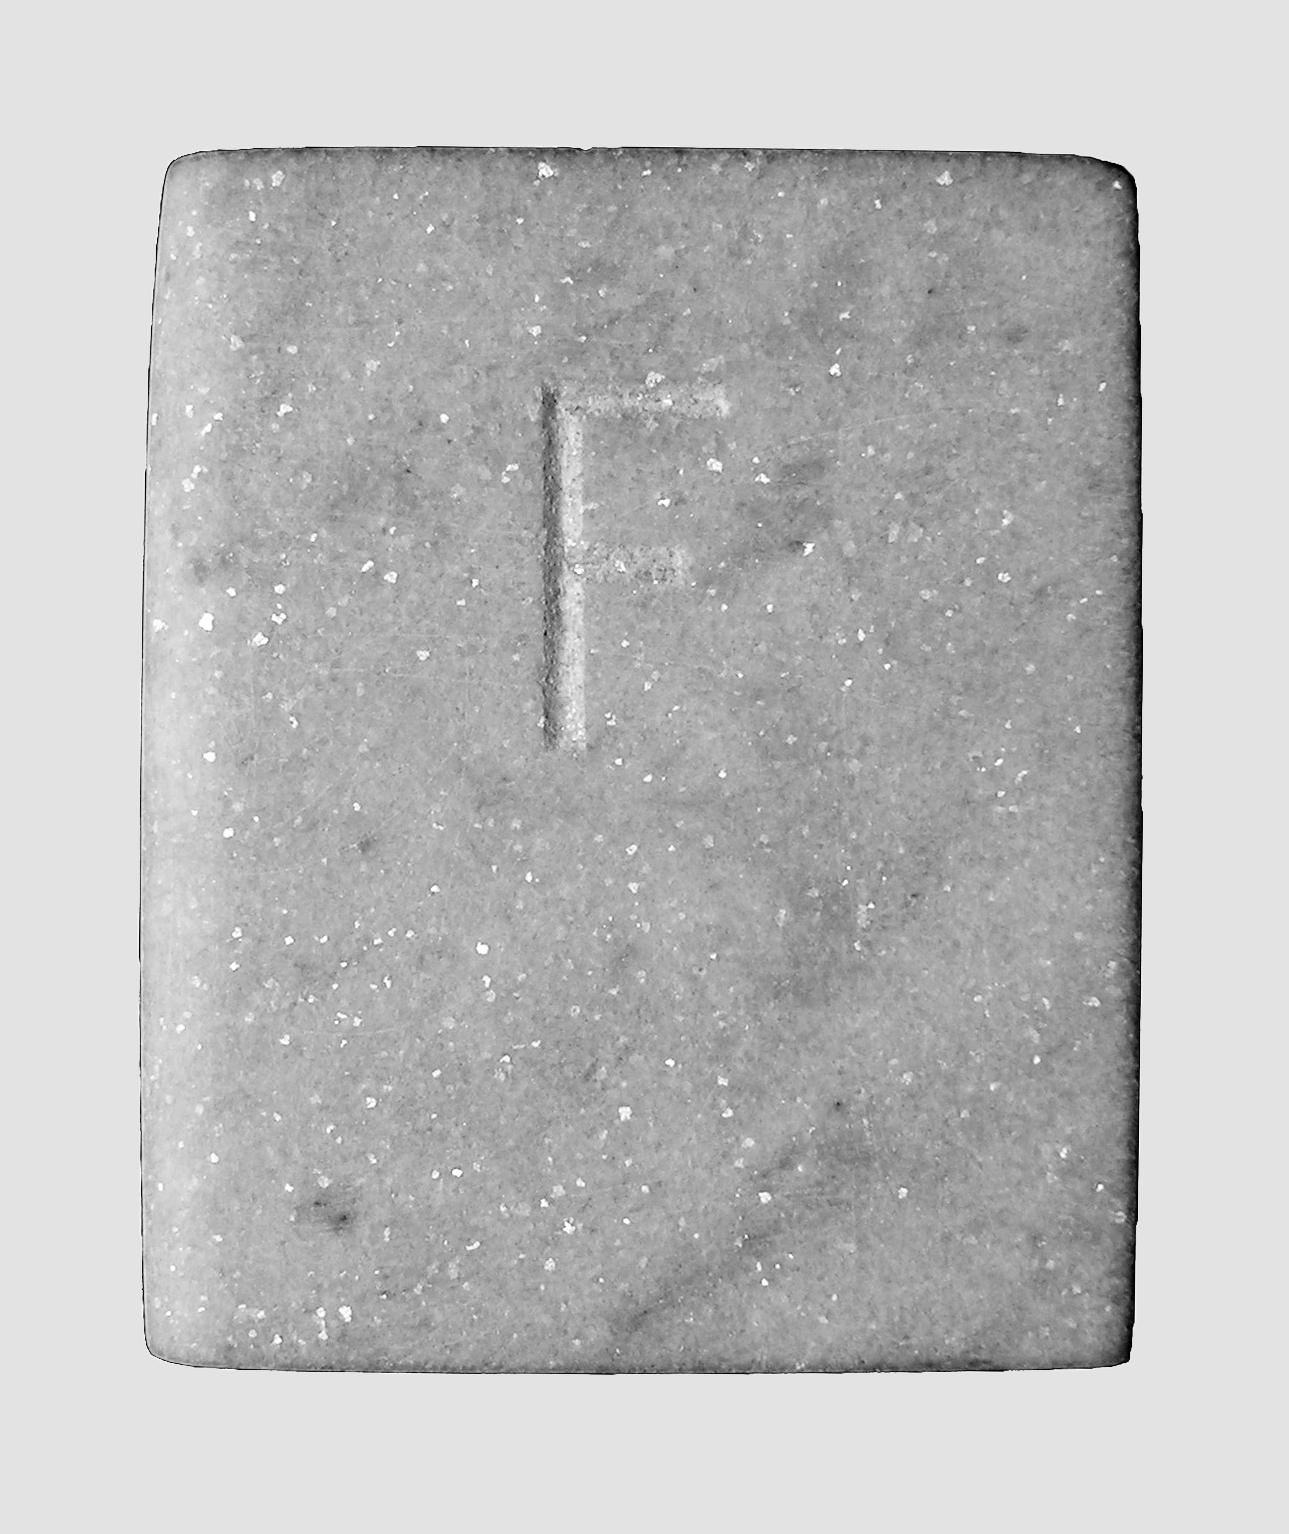 Abecedario, F, libro de mármol de Carrara, 18 cm x 3 cm x 15 cm, 1984